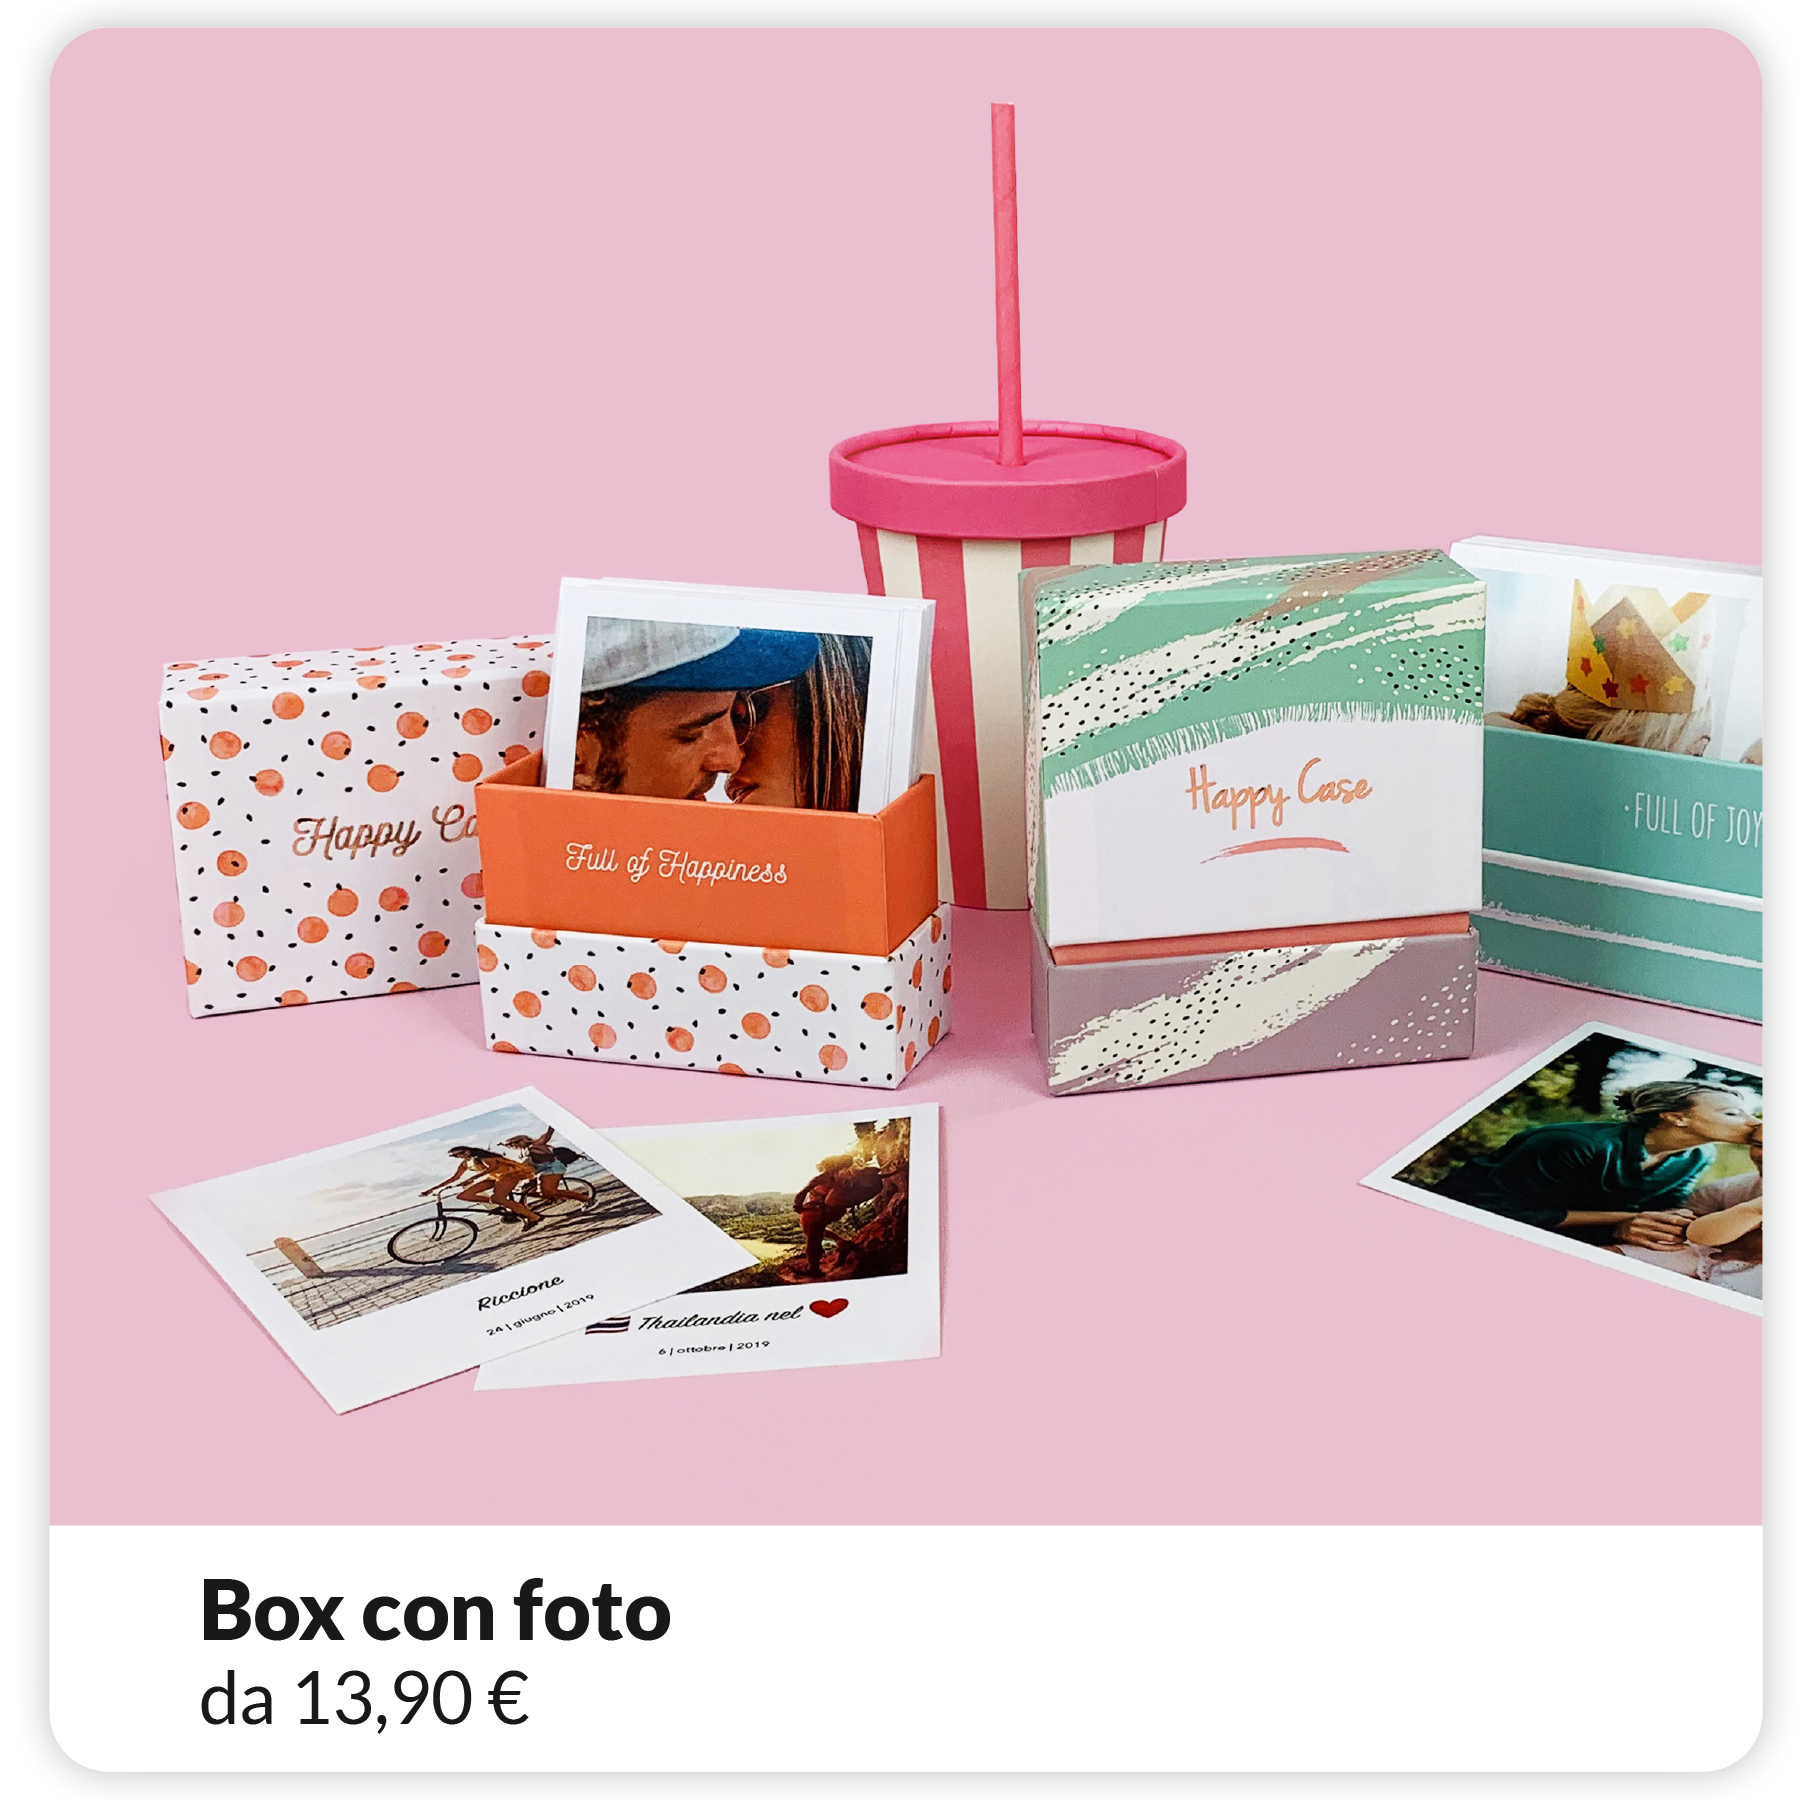 Centro_Ottico_Bua_HappyCase